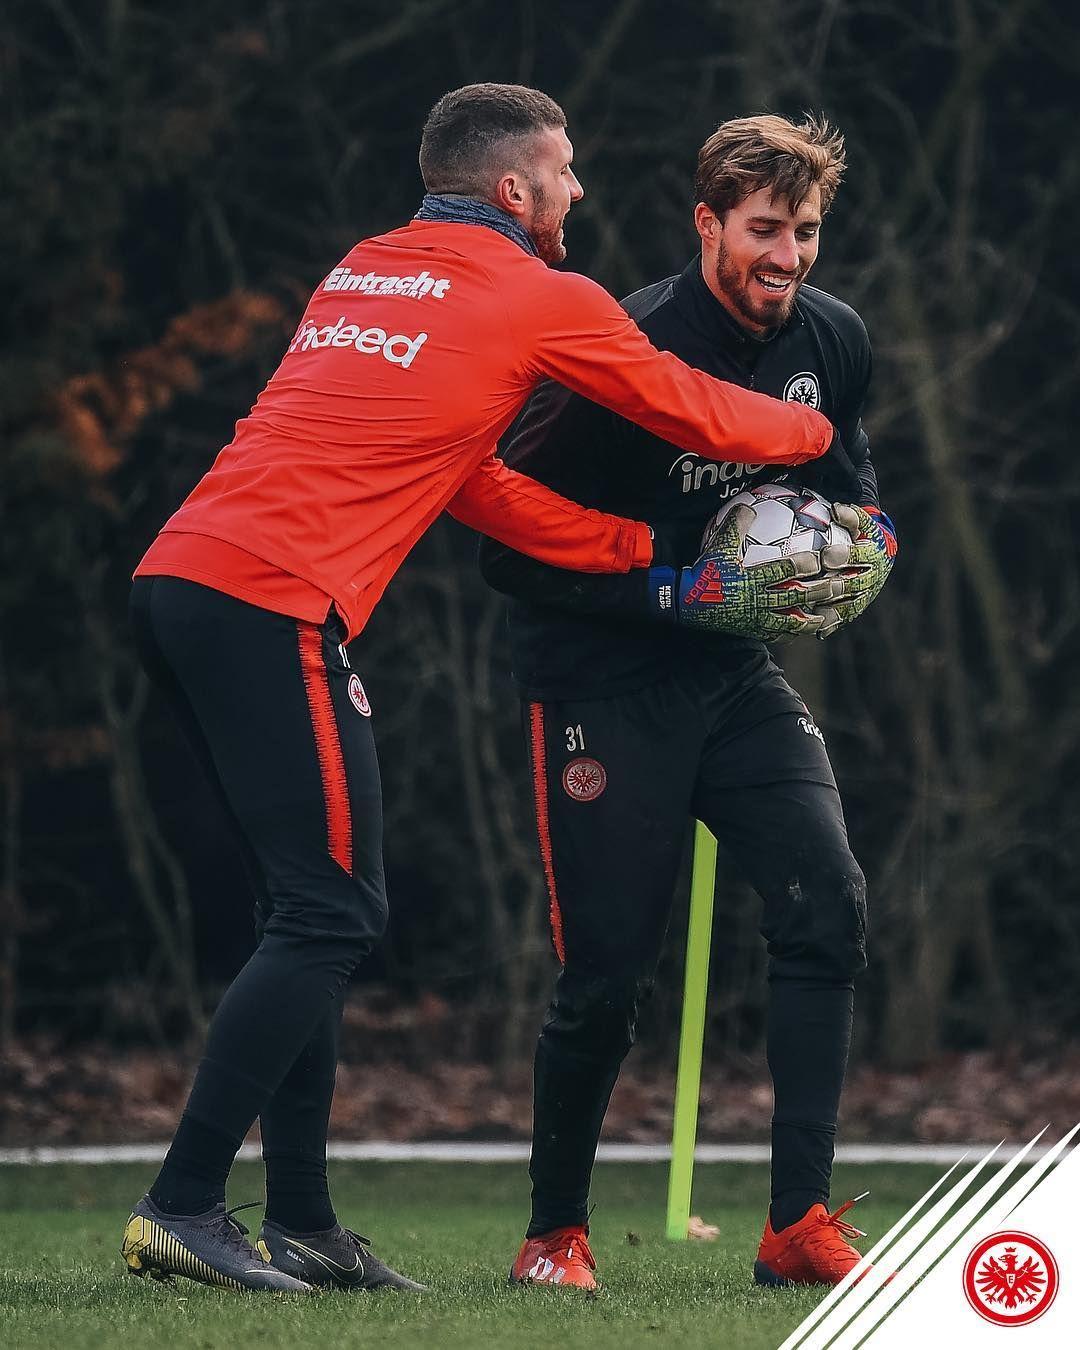 Nicht Streiten Training Sge Eintracht Frankfurt